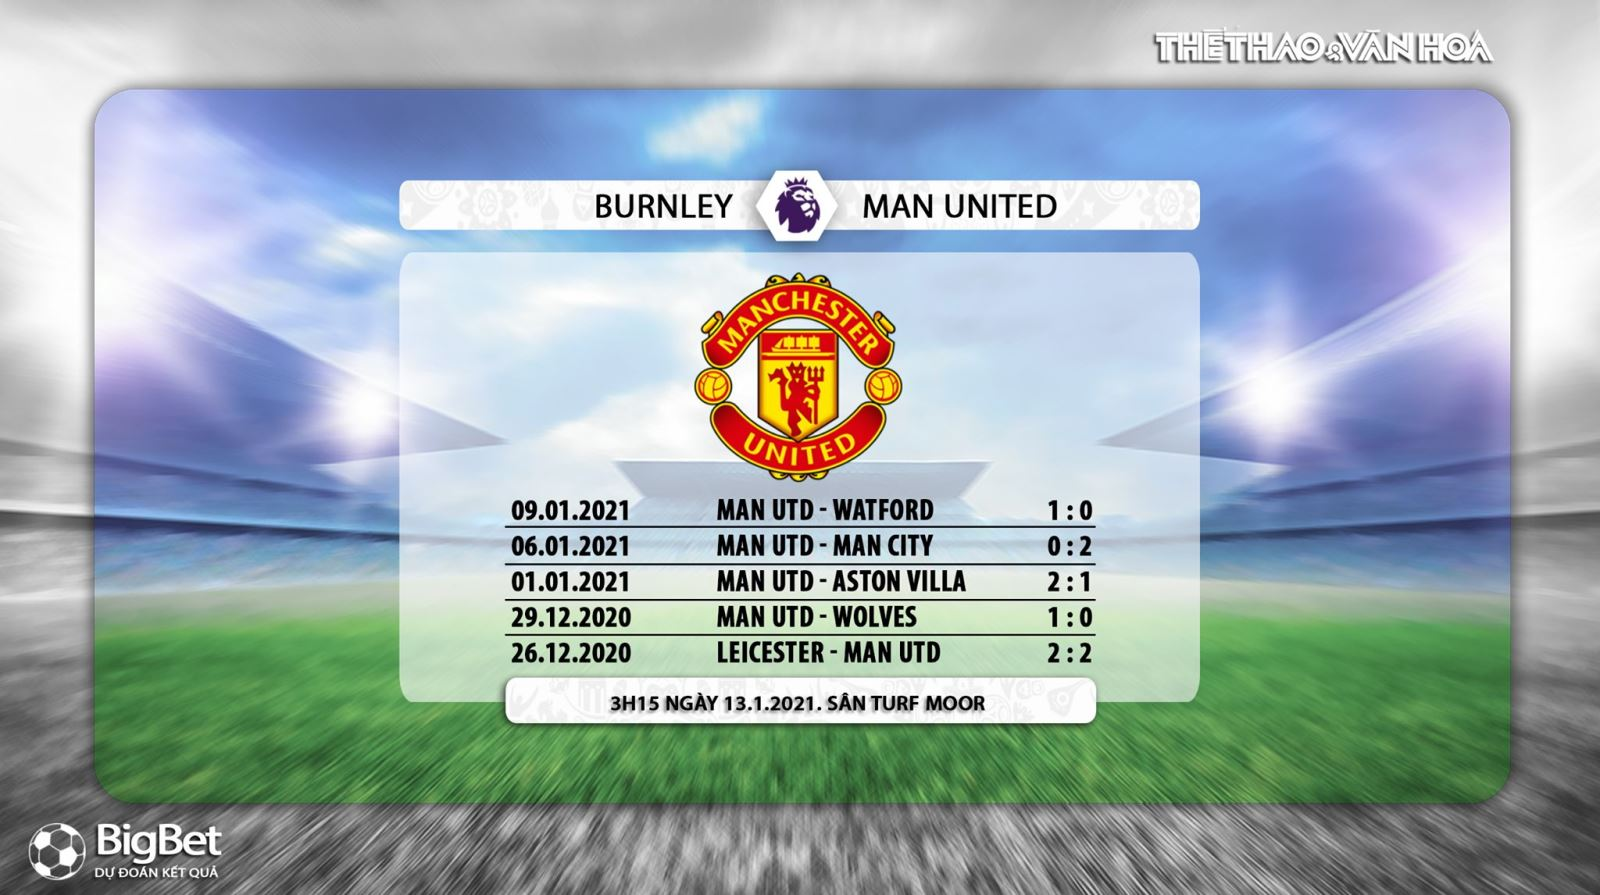 Kèo nhà cái. MU. Burnley vs MU. K+, K+PM trực tiếp bóng đá Anh hôm nay. Xem MU